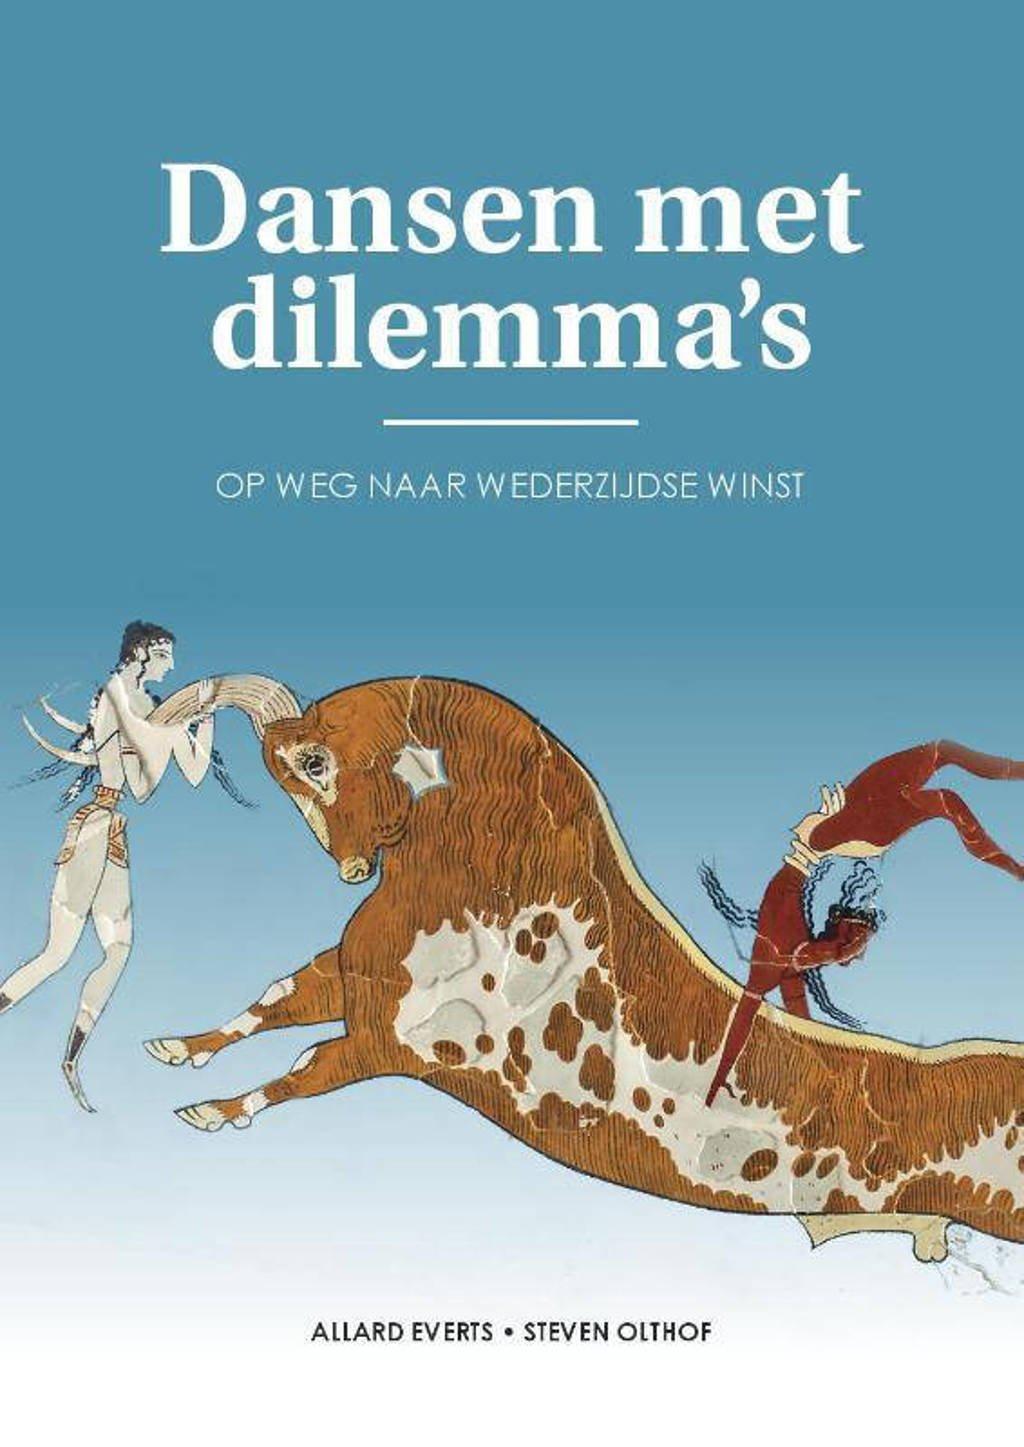 Dansen met dilemma's - Allard Everts en Steven Olthof